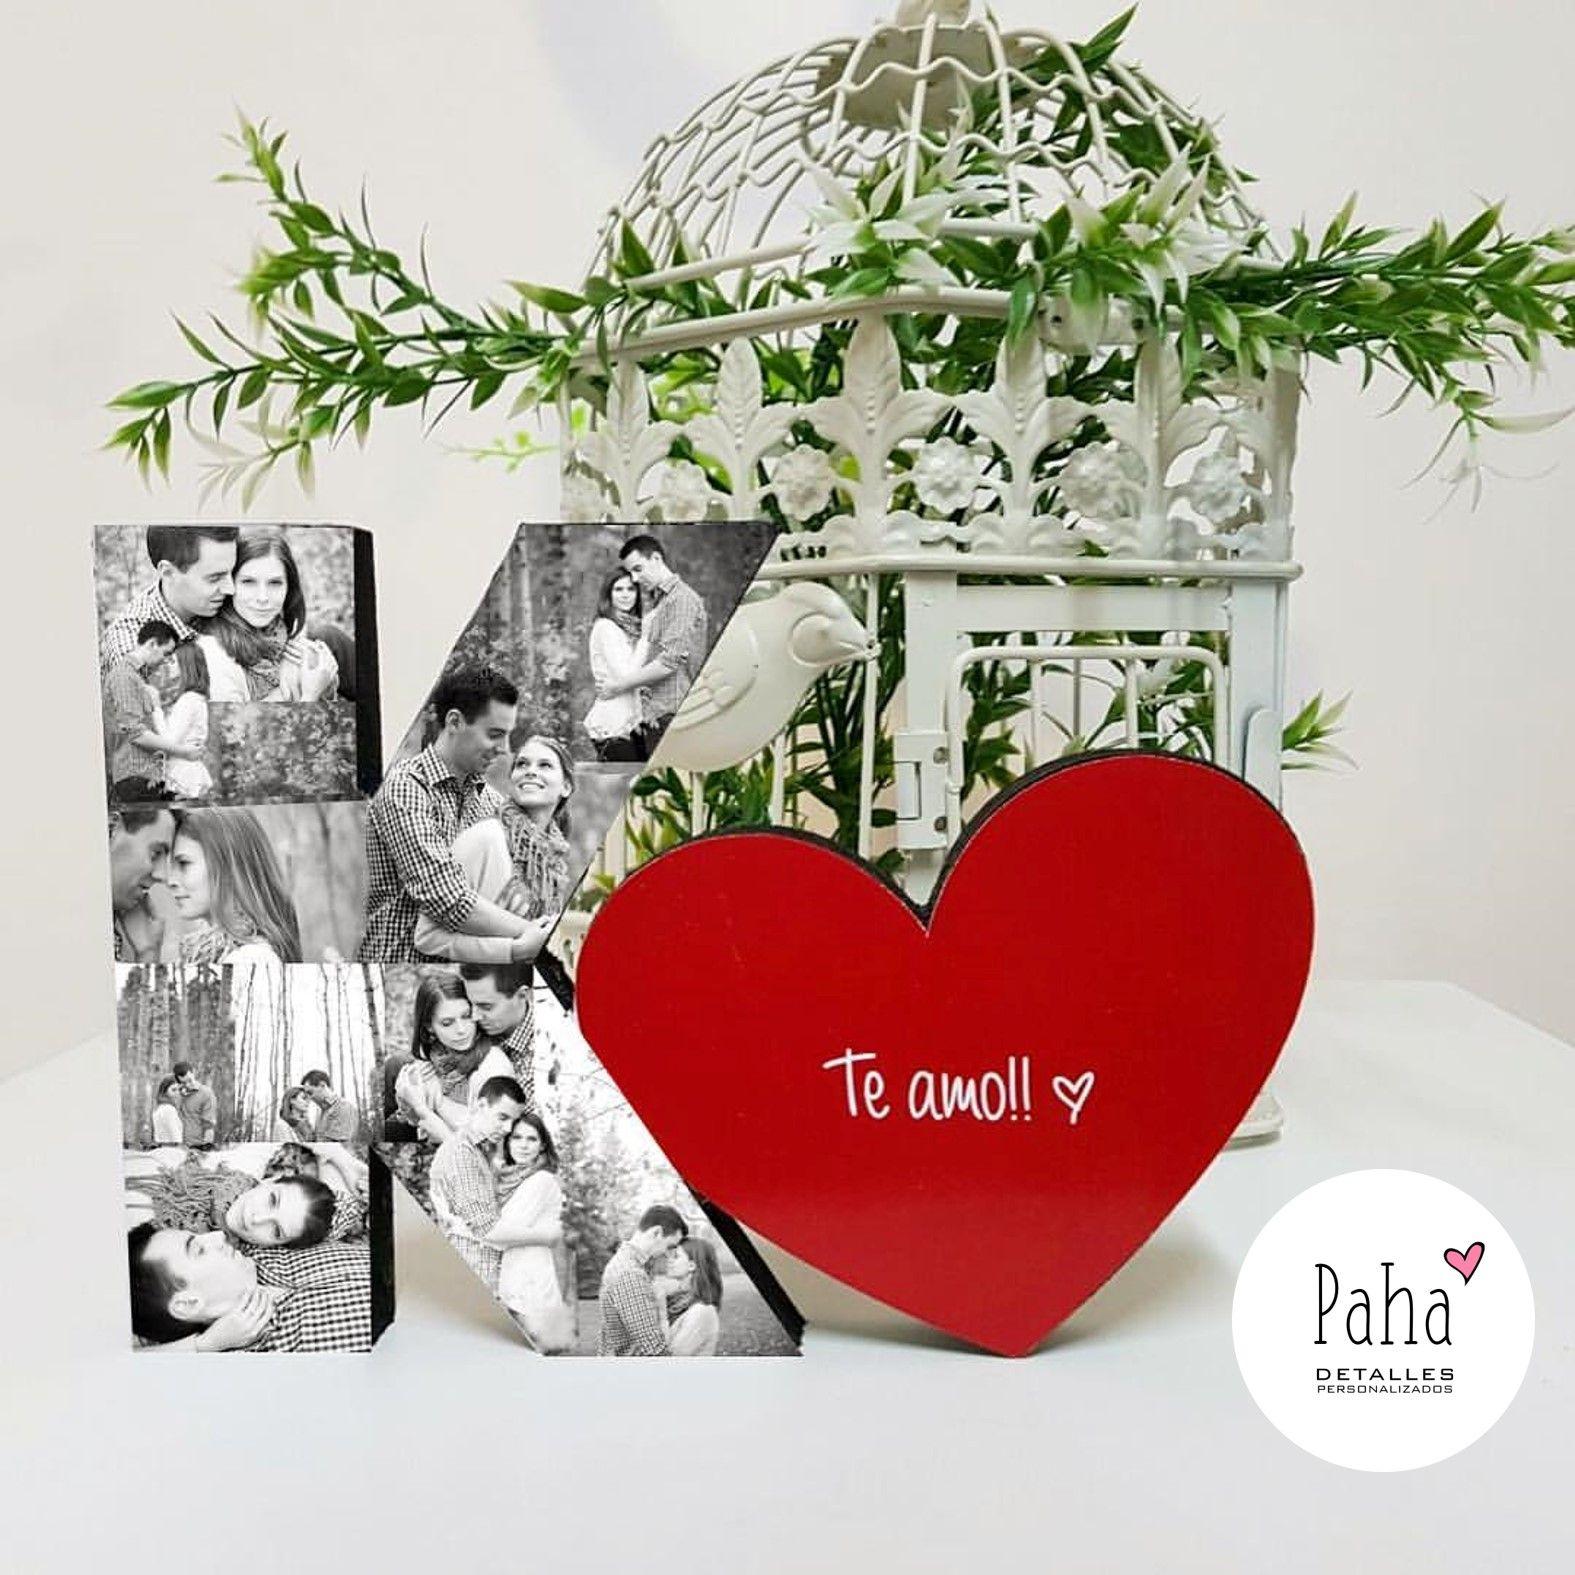 Detalles Regalos Personalizados Fotoletra Amor Love Parejas